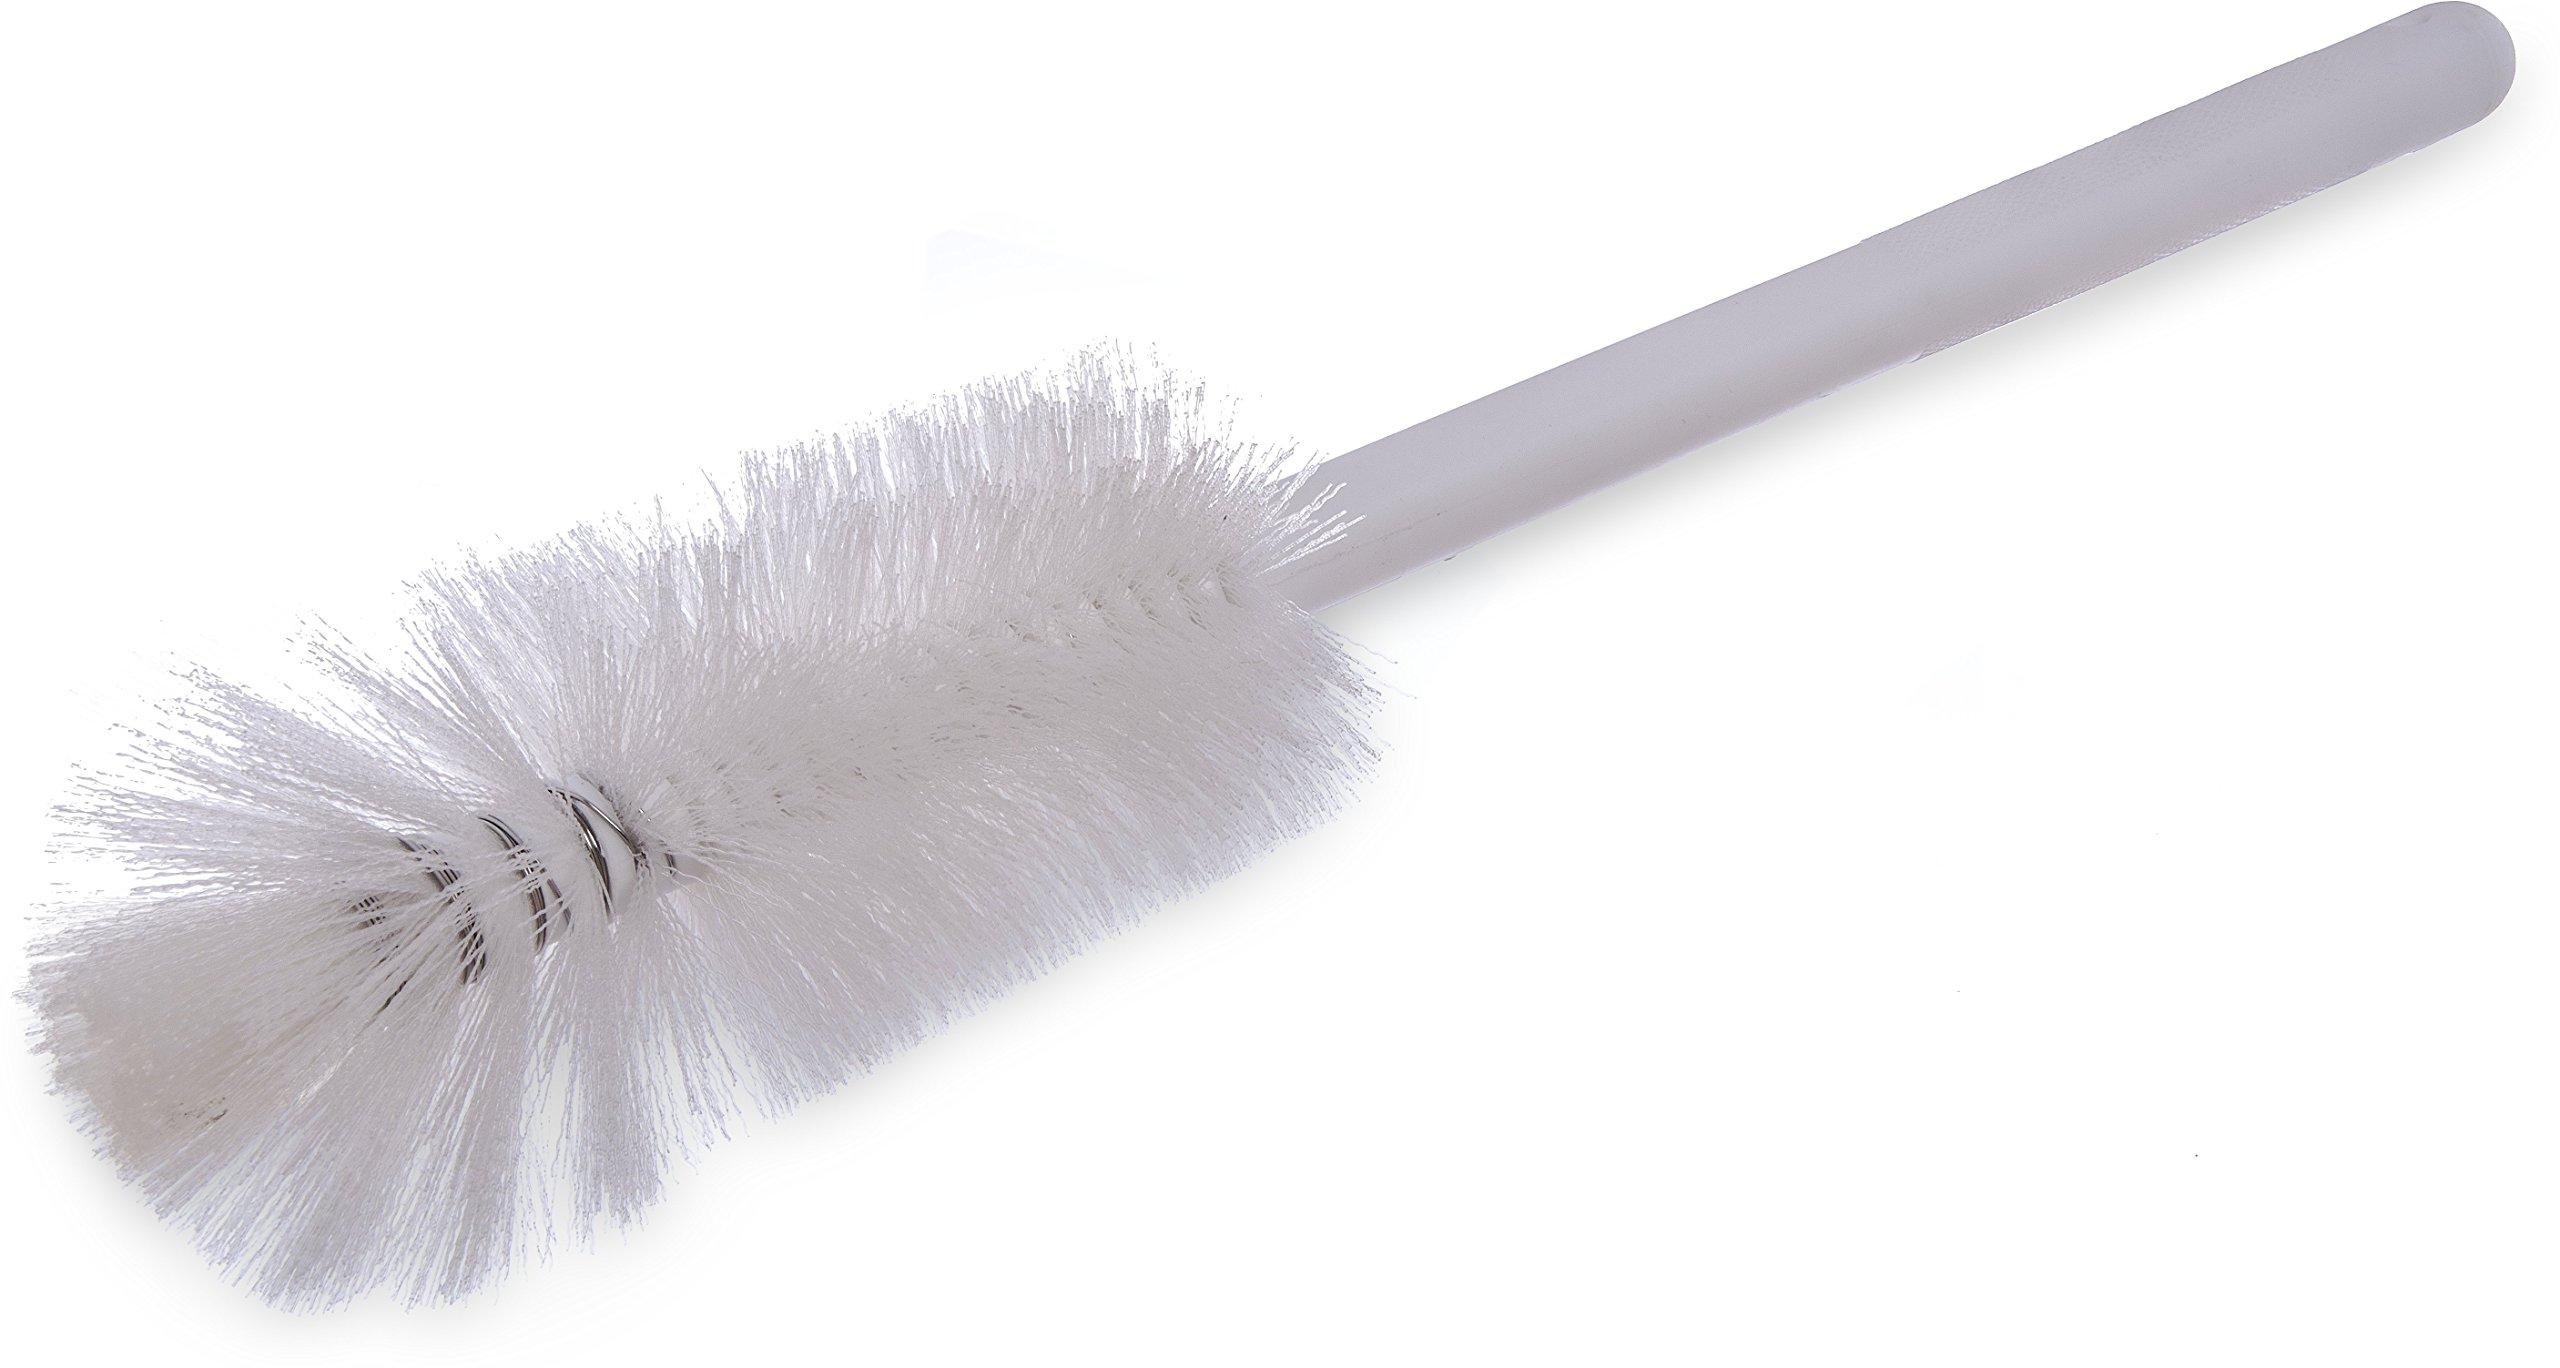 Carlisle 4046702 Sparta Handle Quart Bottle Brush, Polyester Bristles, 3'' Bristle Diameter, 16'' Overall Length, White (Pack of 12)